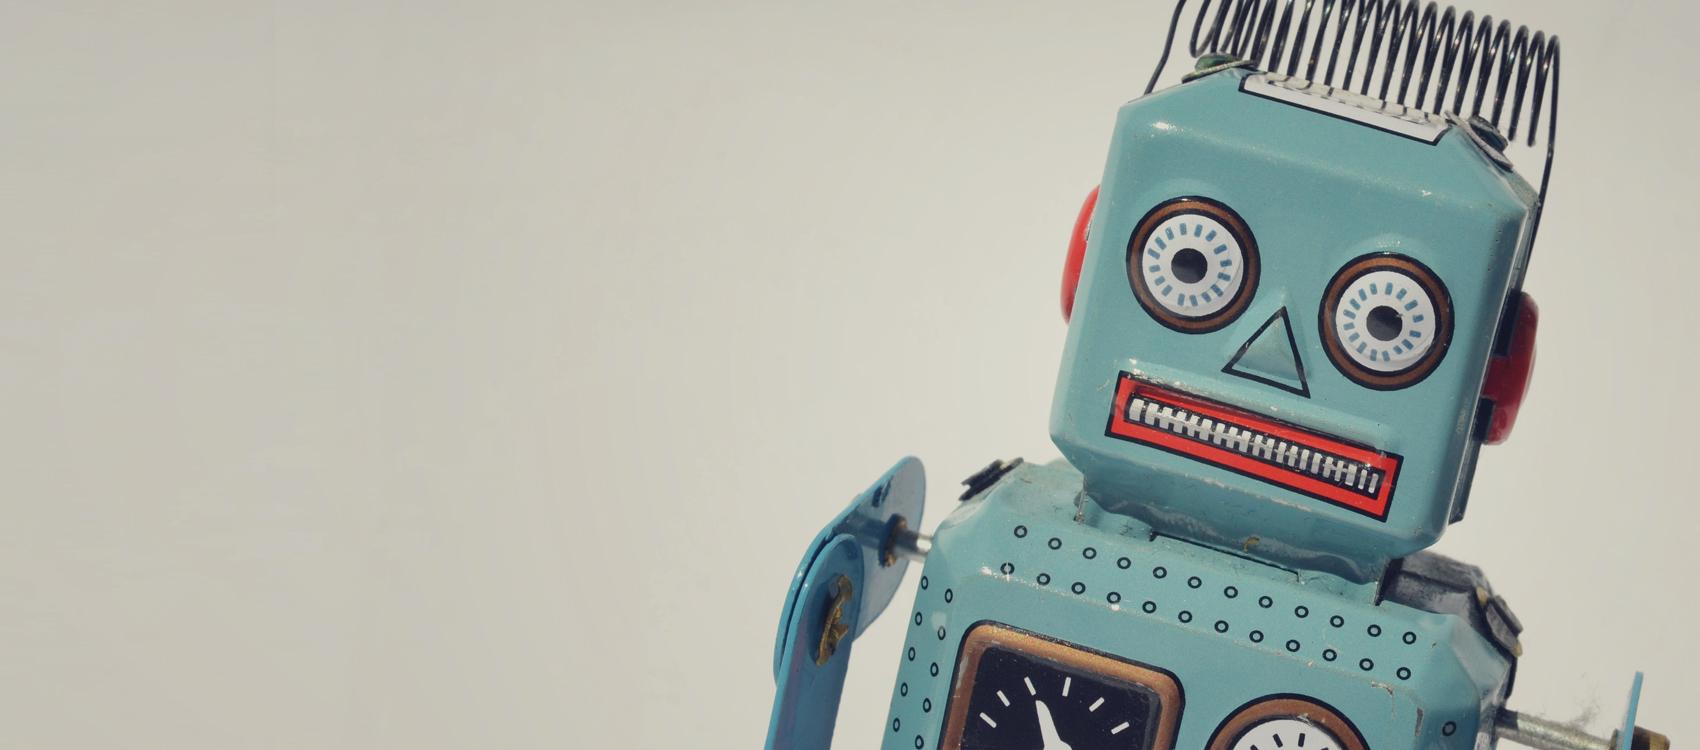 Marketing-Automation-Relative-Marketing